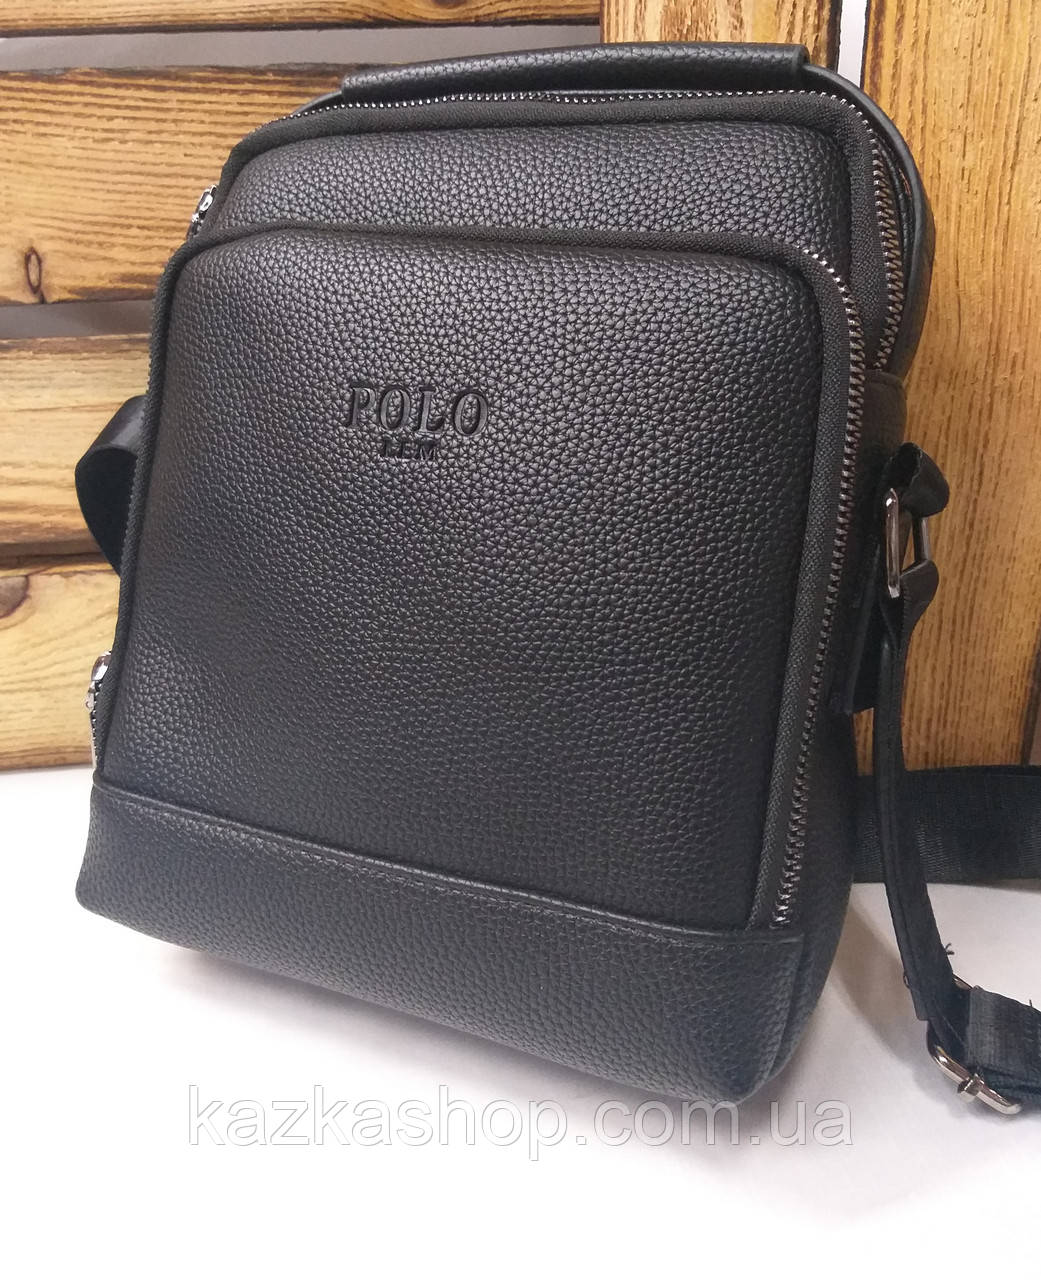 Мужская сумка Polo черного цвета на один отдел, без клапана, два ремешка, несъемный регулируемый ремень